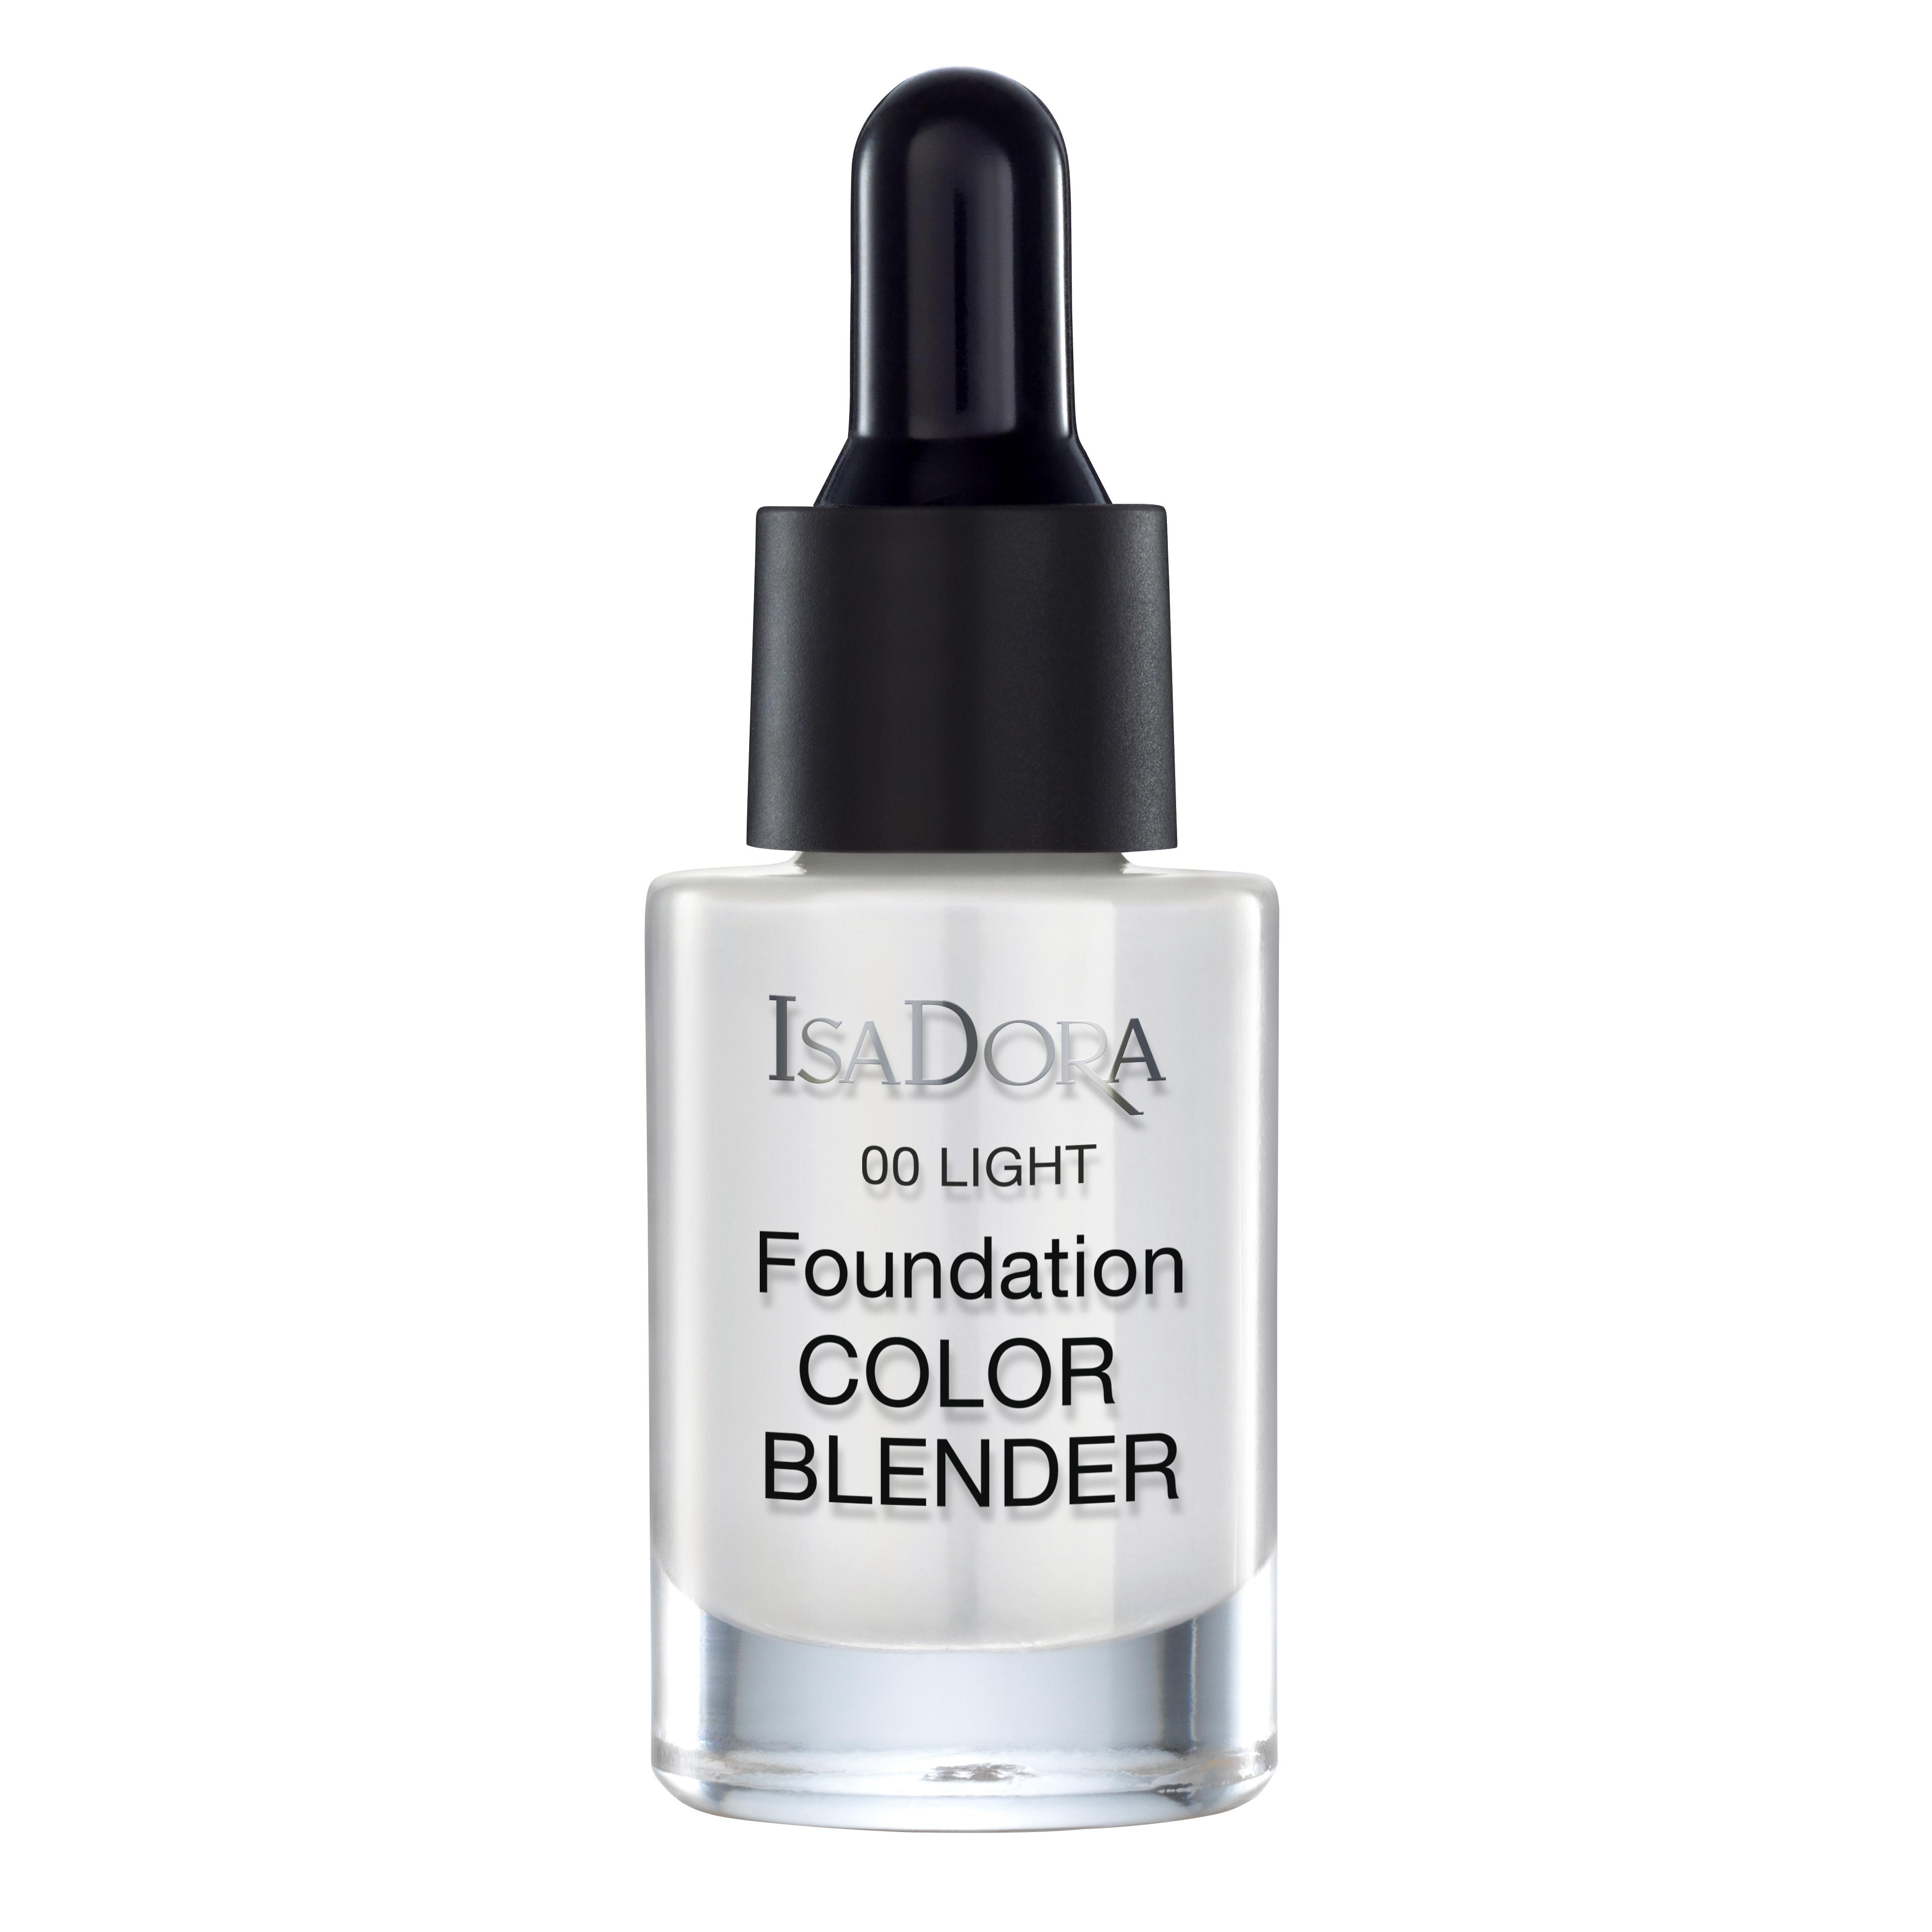 Foundation Color Blender